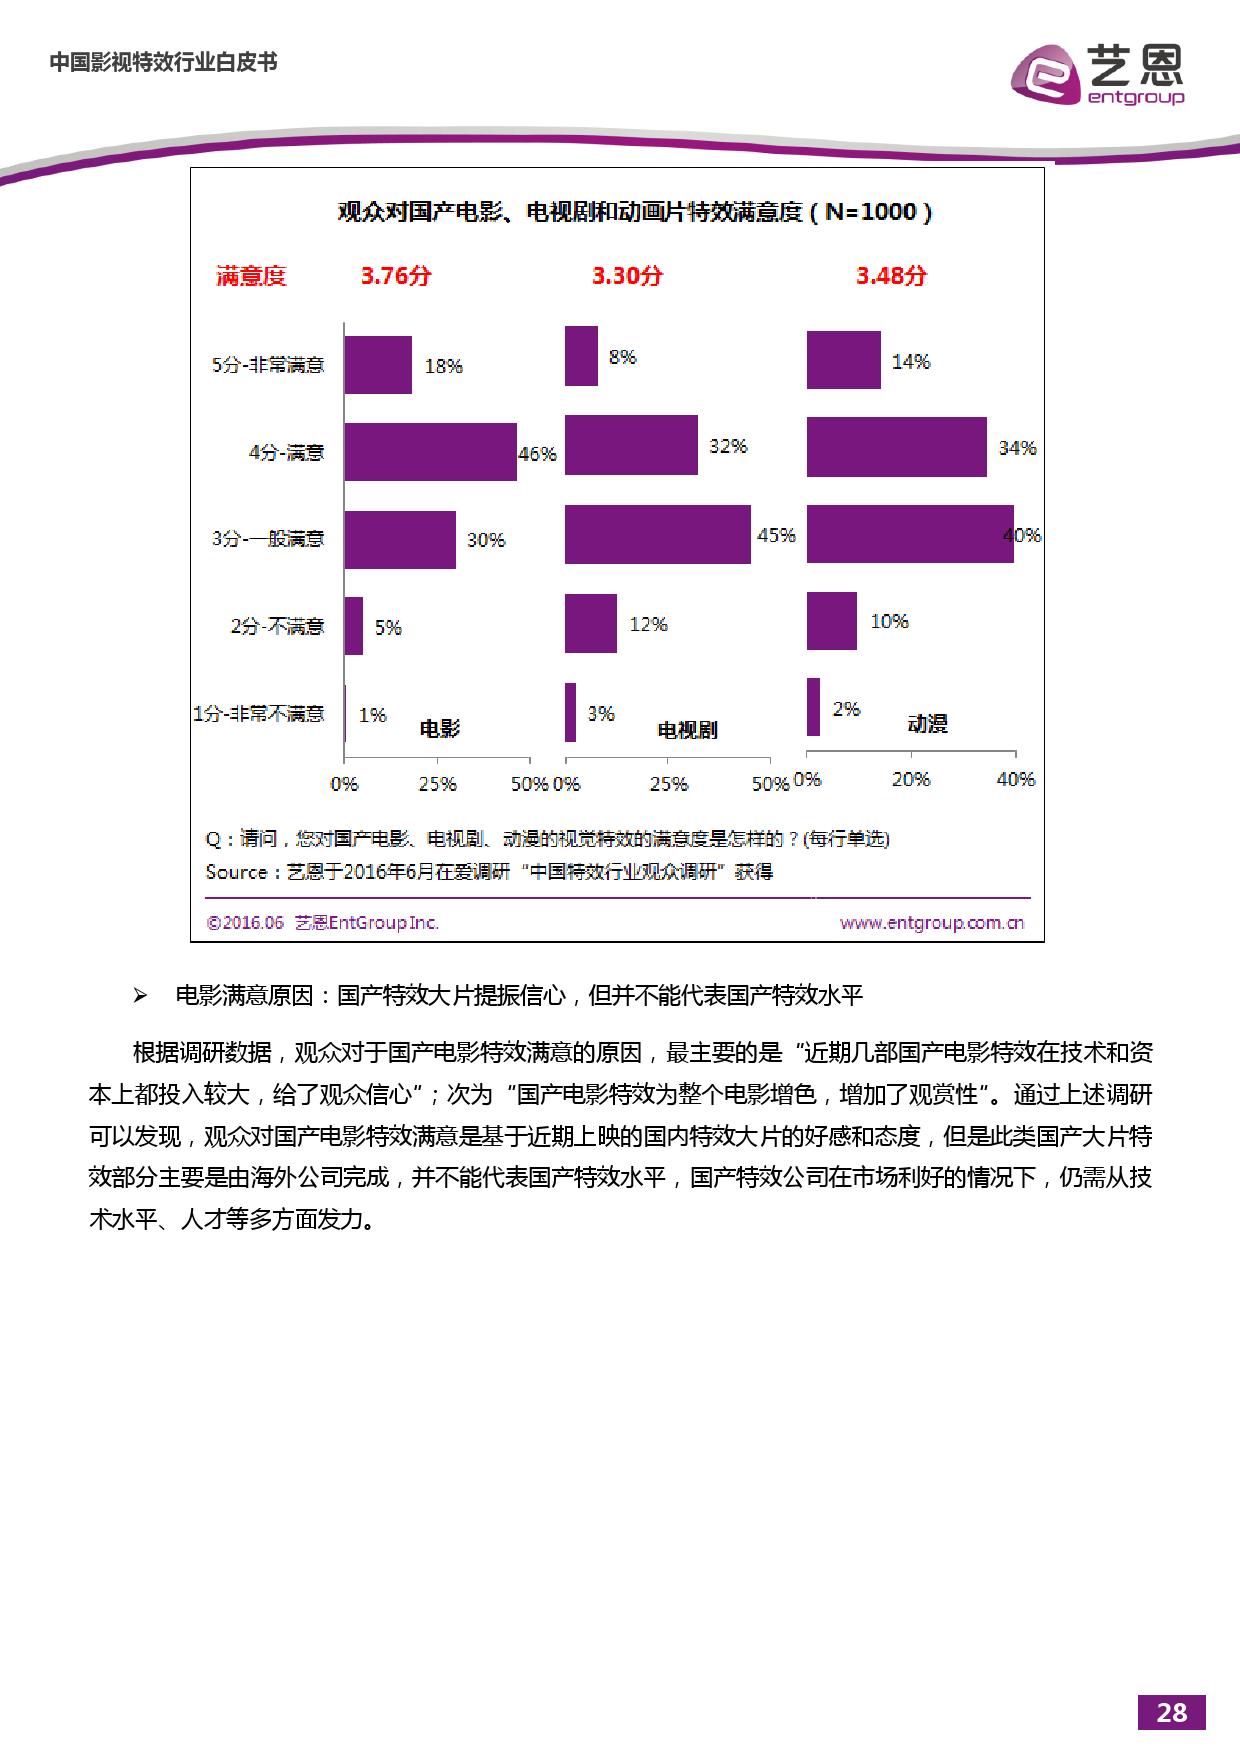 %e4%b8%ad%e5%9b%bd%e5%bd%b1%e8%a7%86%e7%89%b9%e6%95%88%e5%b8%82%e5%9c%ba%e7%a0%94%e7%a9%b6%e6%8a%a5%e5%91%8a_000029